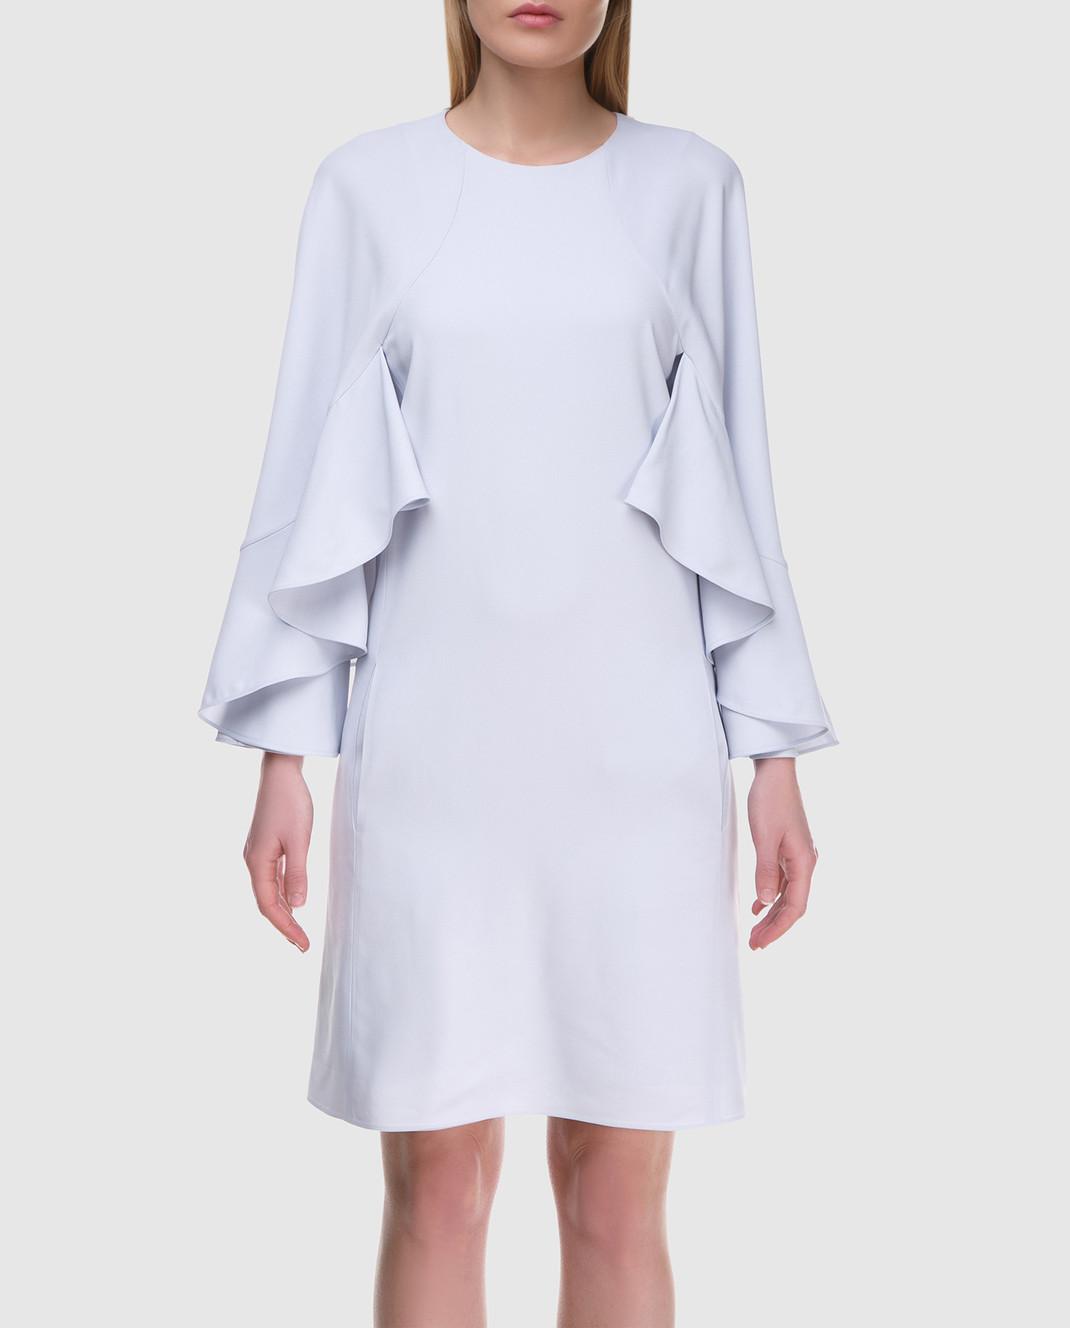 Chloe Светло-голубое платье изображение 3